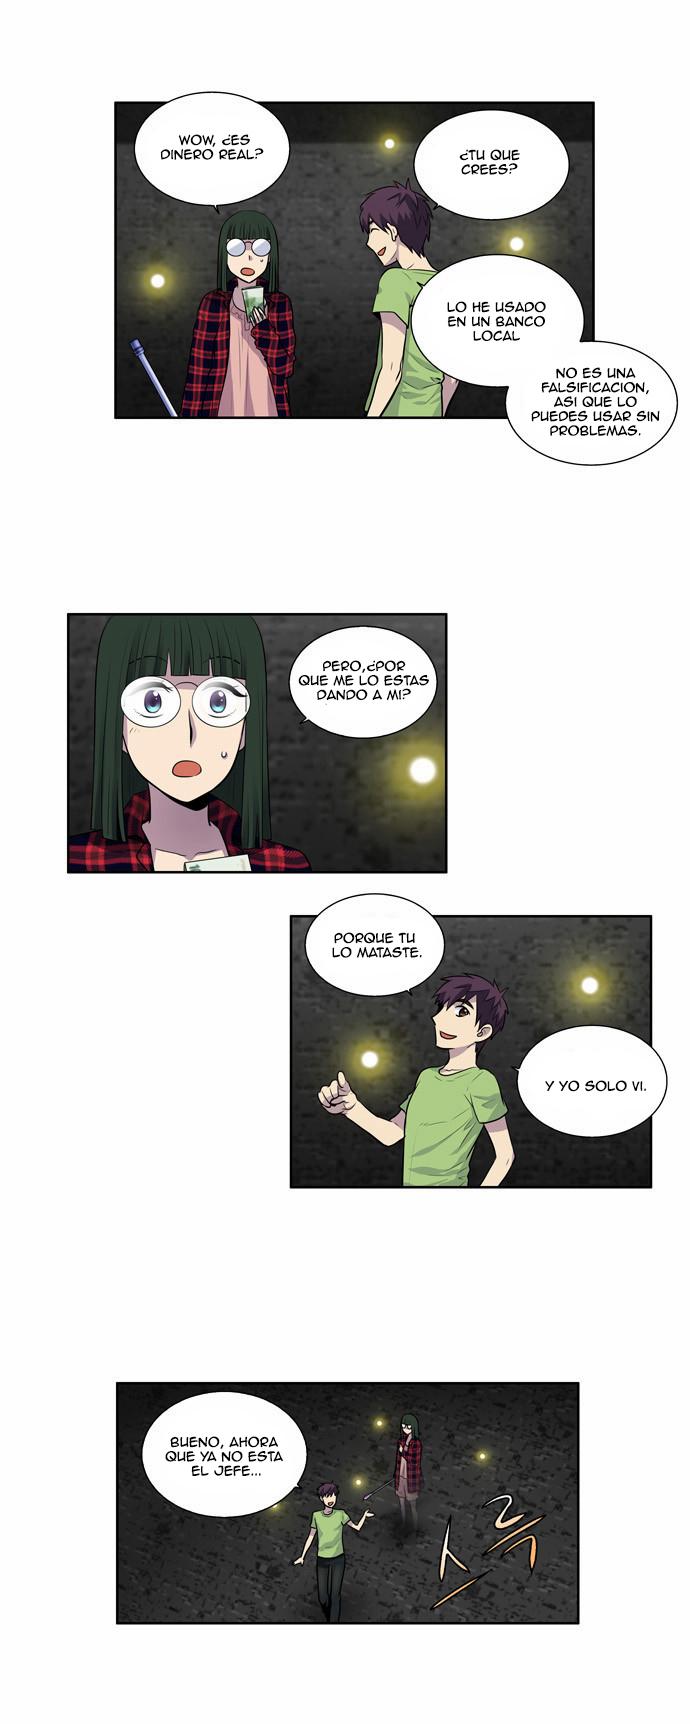 http://c5.ninemanga.com/es_manga/61/1725/423524/5d0c0b2dad7608f91f795f04a3ea7ca3.jpg Page 4